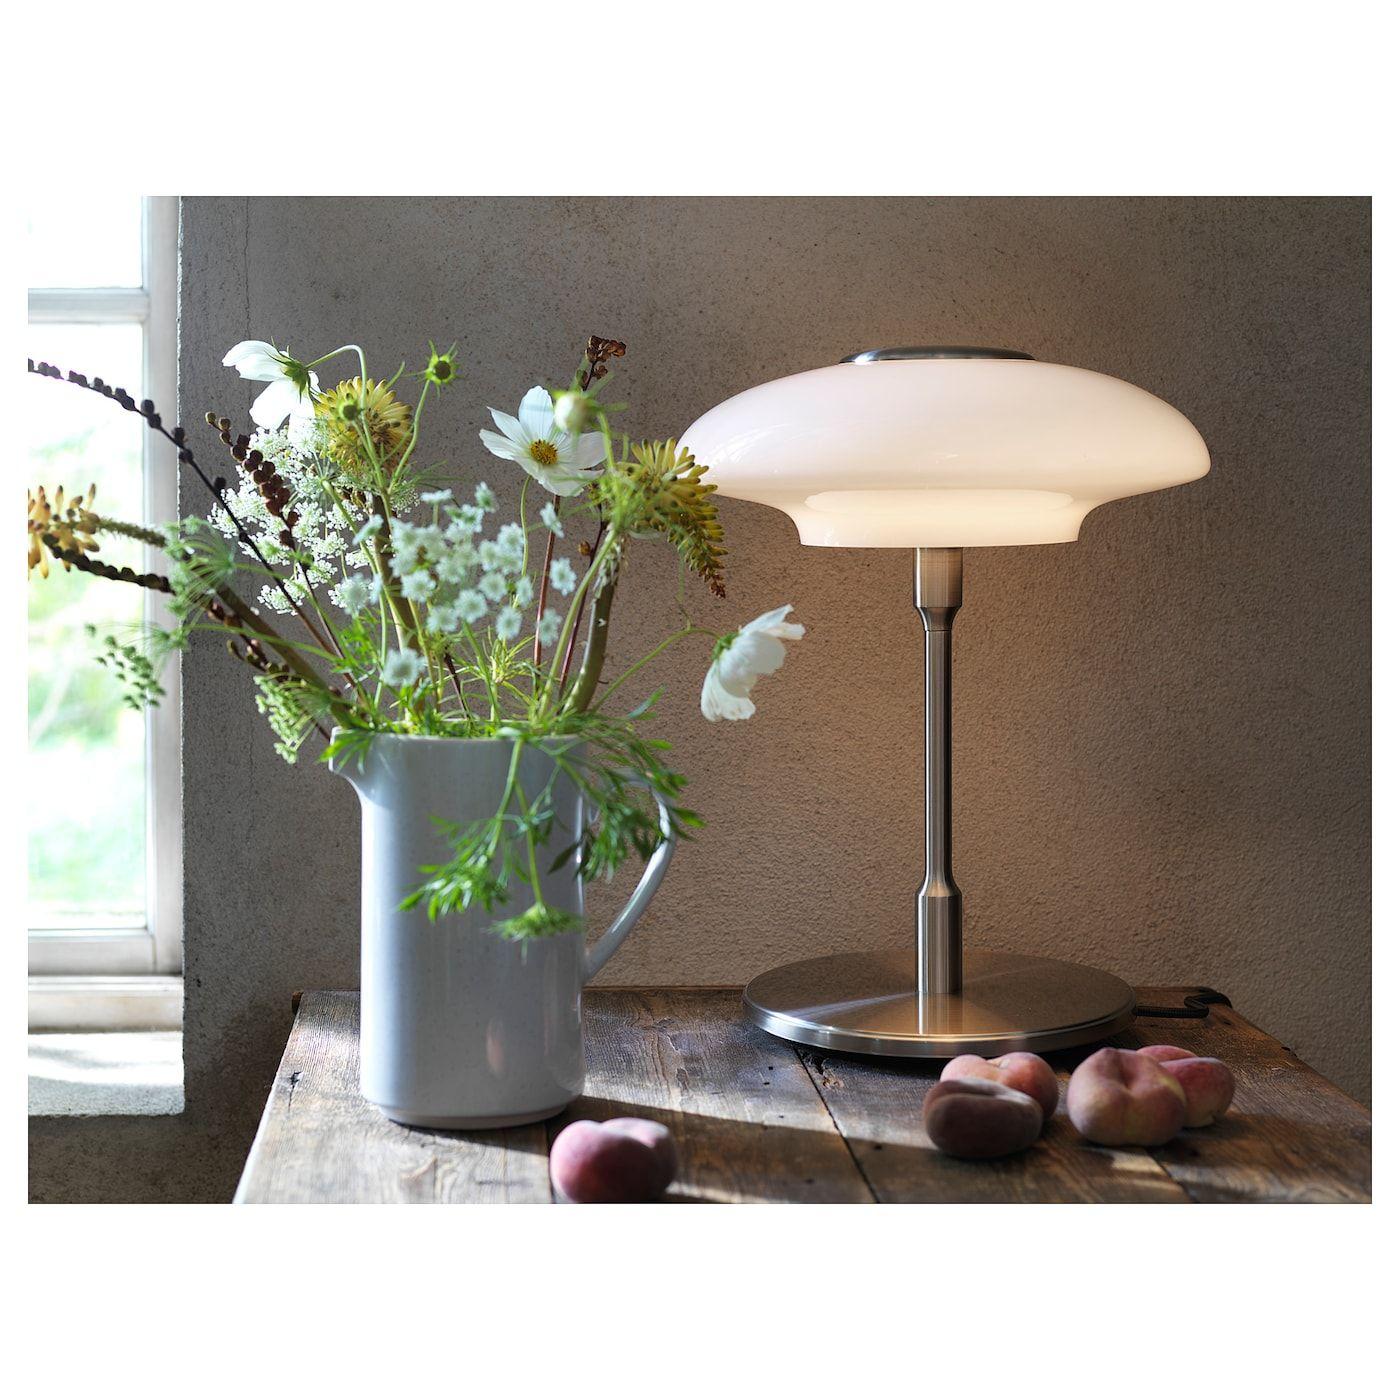 TÄLLBYN Tafellamp, vernikkeld, opaalwit glas, 40 cm IKEA